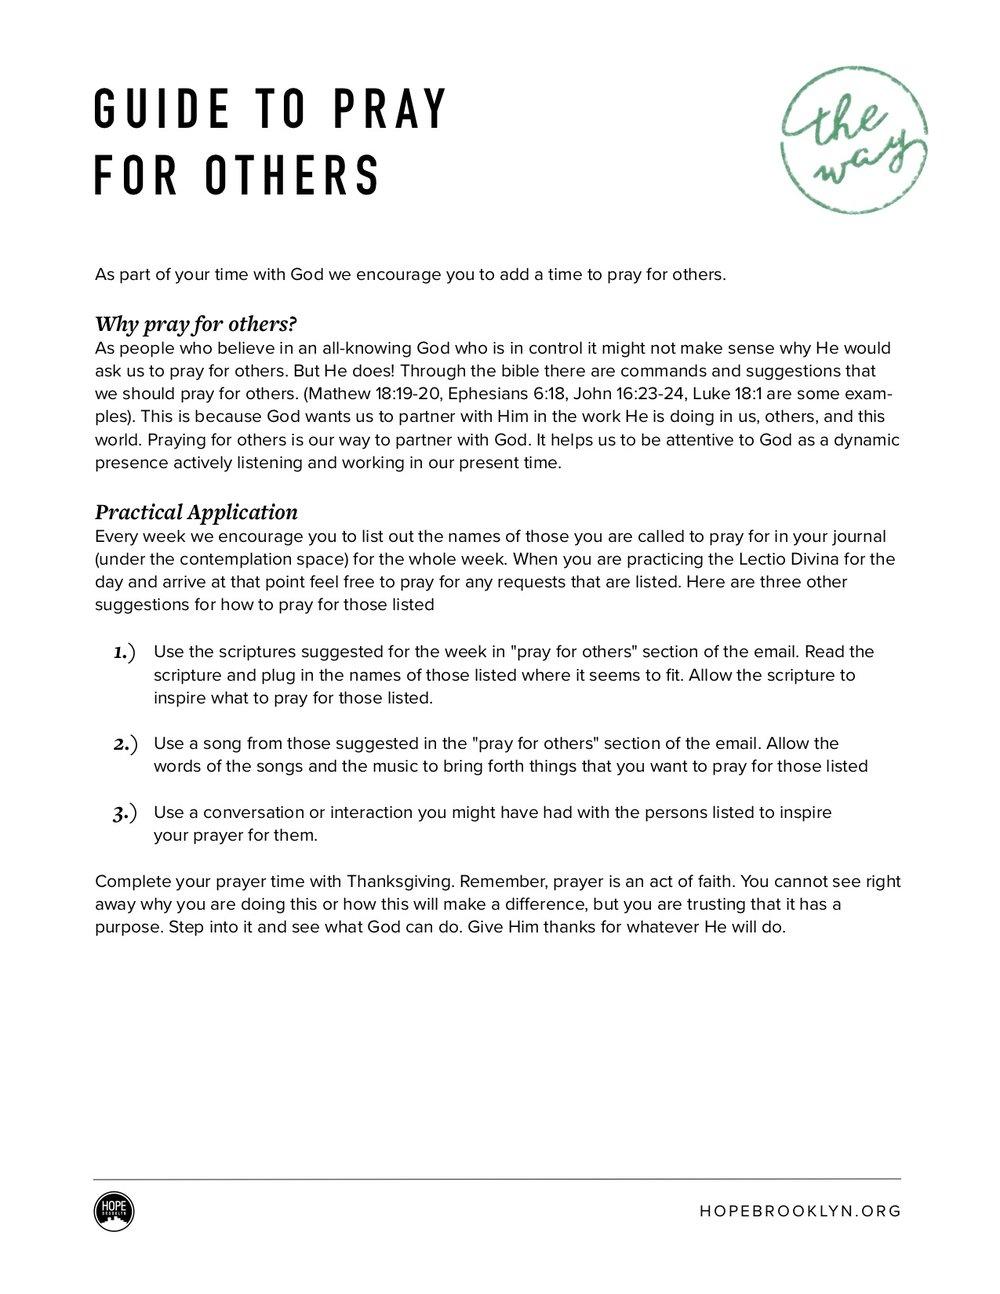 Prayer_Guide.jpg